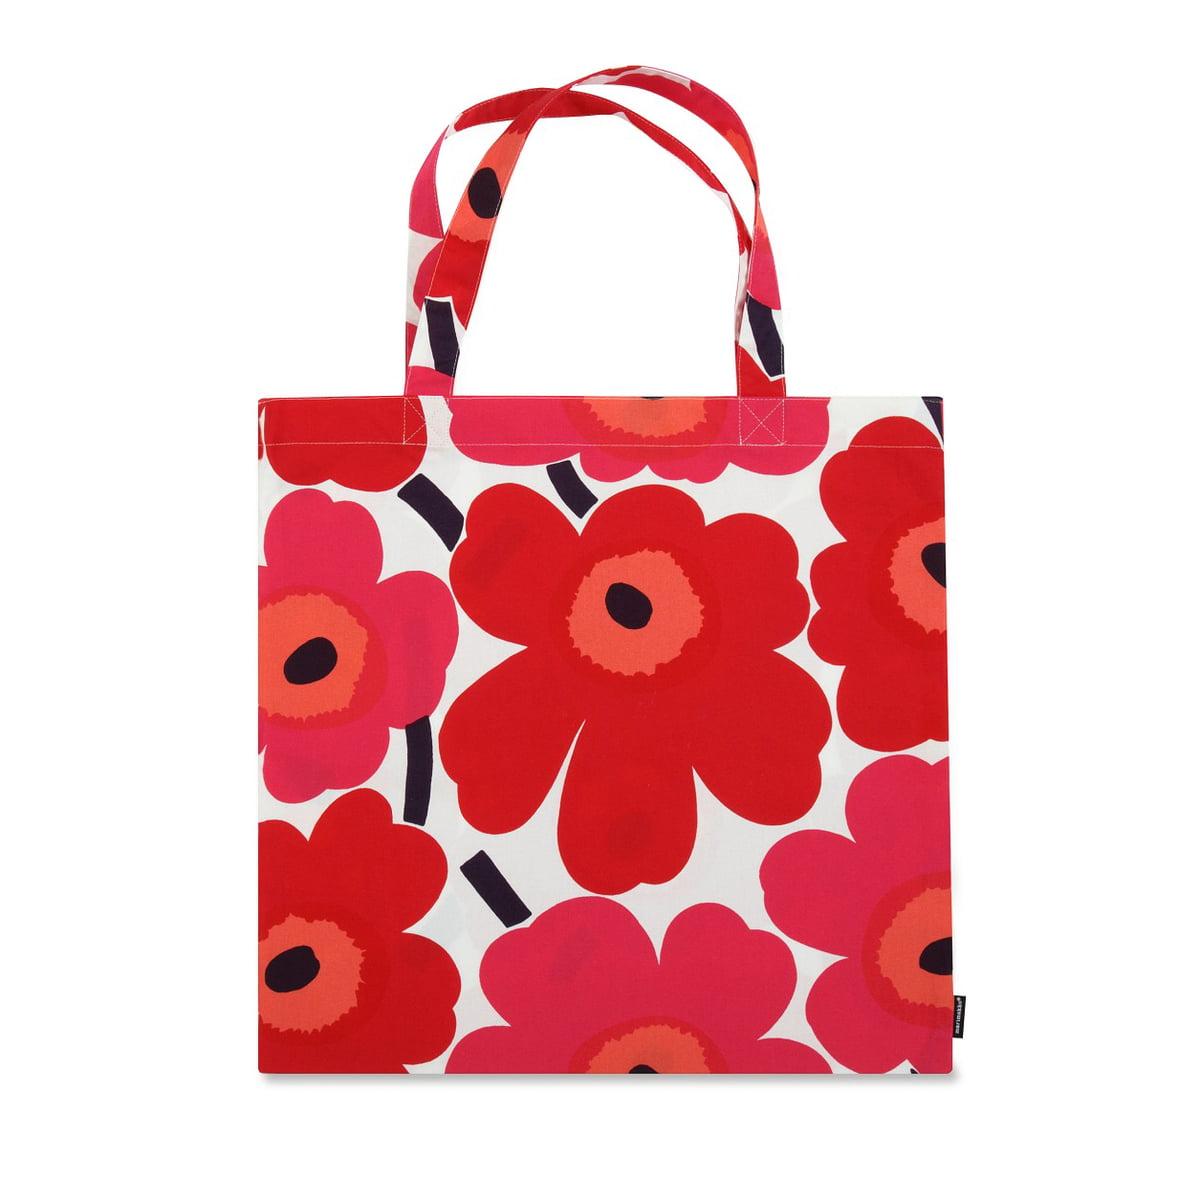 Marimekko Pieni Unikko Cotton Bag Red White